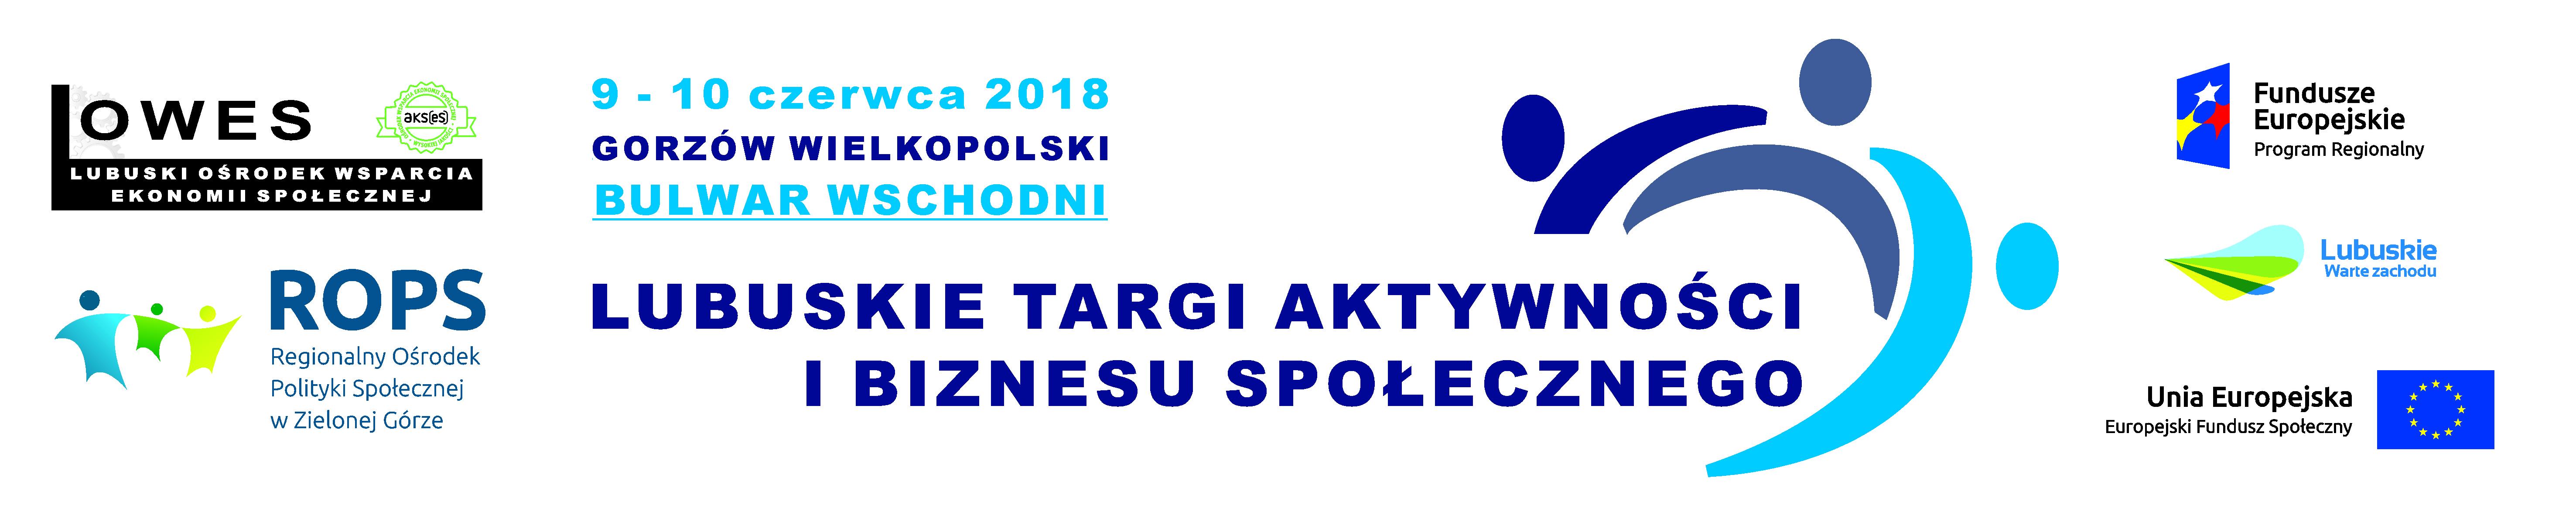 Podczas Dni Gorzowa  odbędą się Lubuskie Targi Aktywności i Biznesu Społecznego.